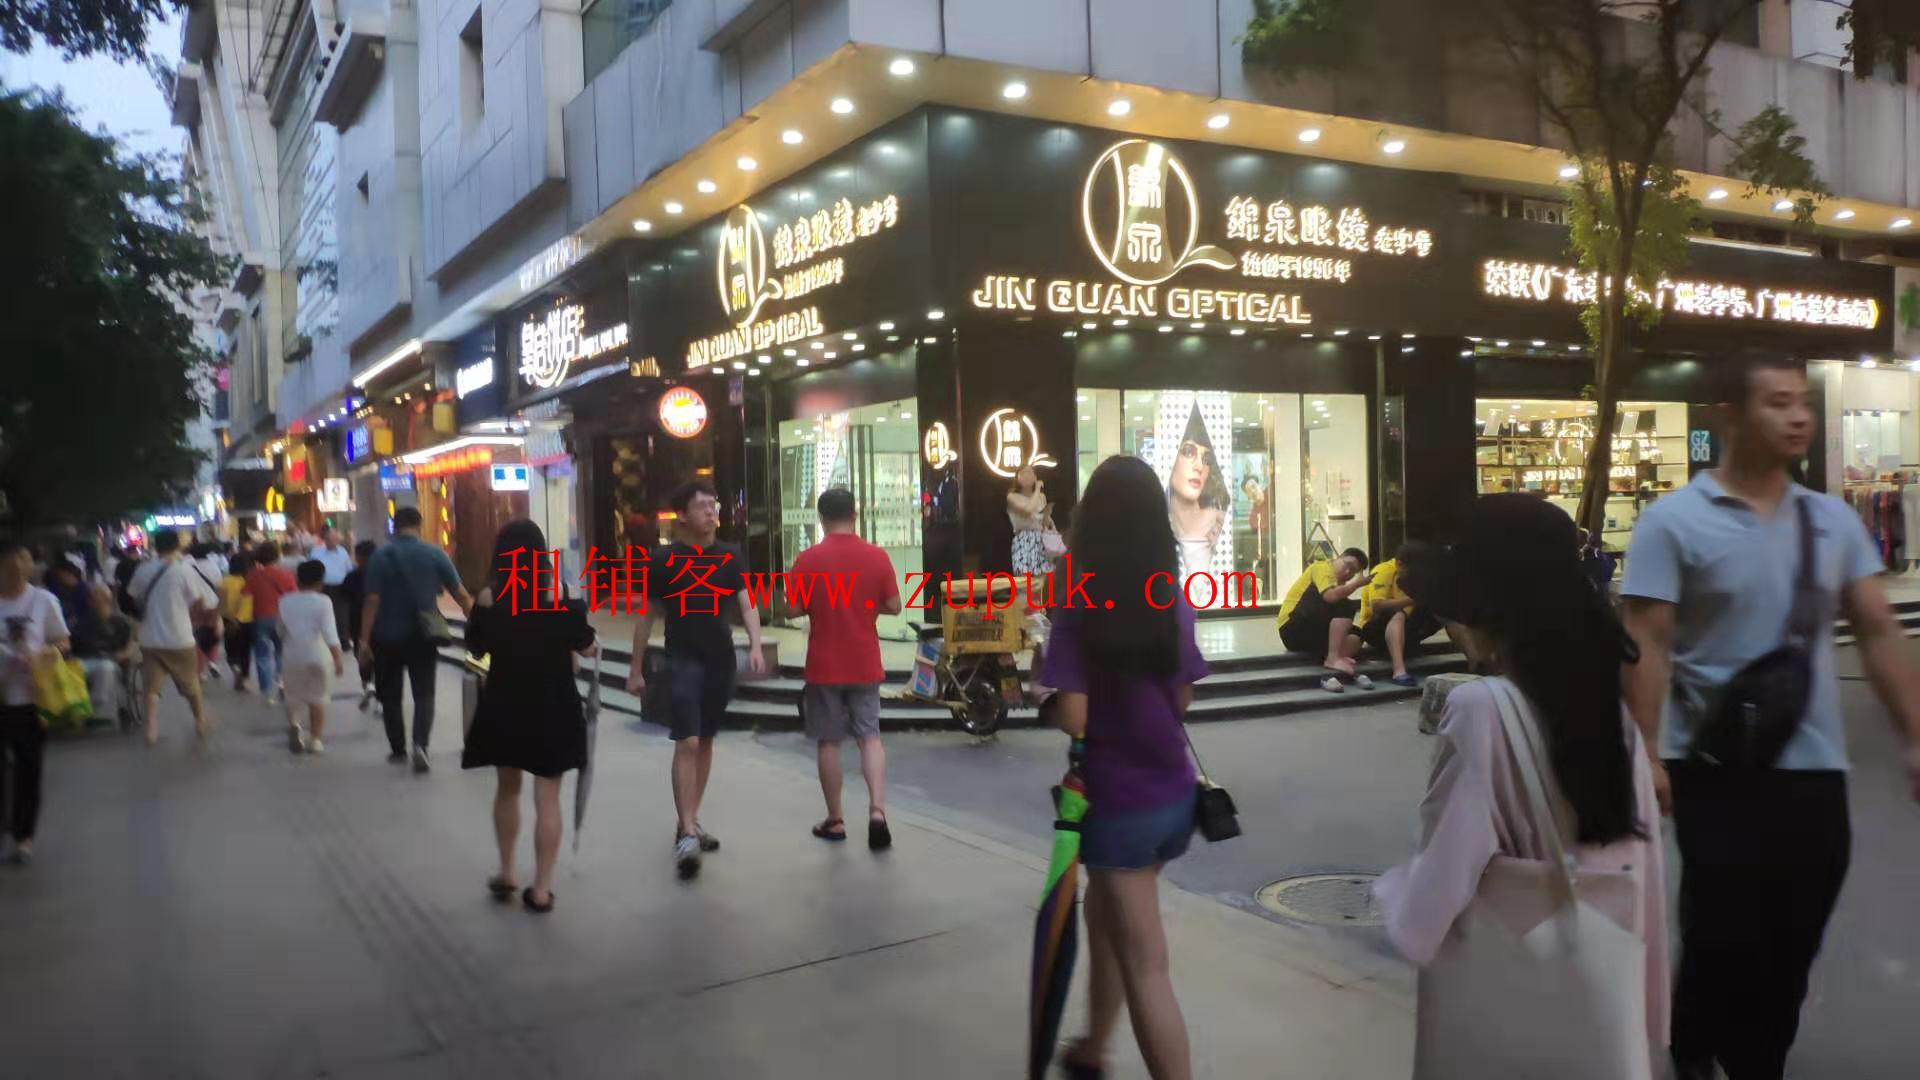 荔湾桥中北路餐饮旺铺,市场大门旁边,靠十字路口,全天客流不断